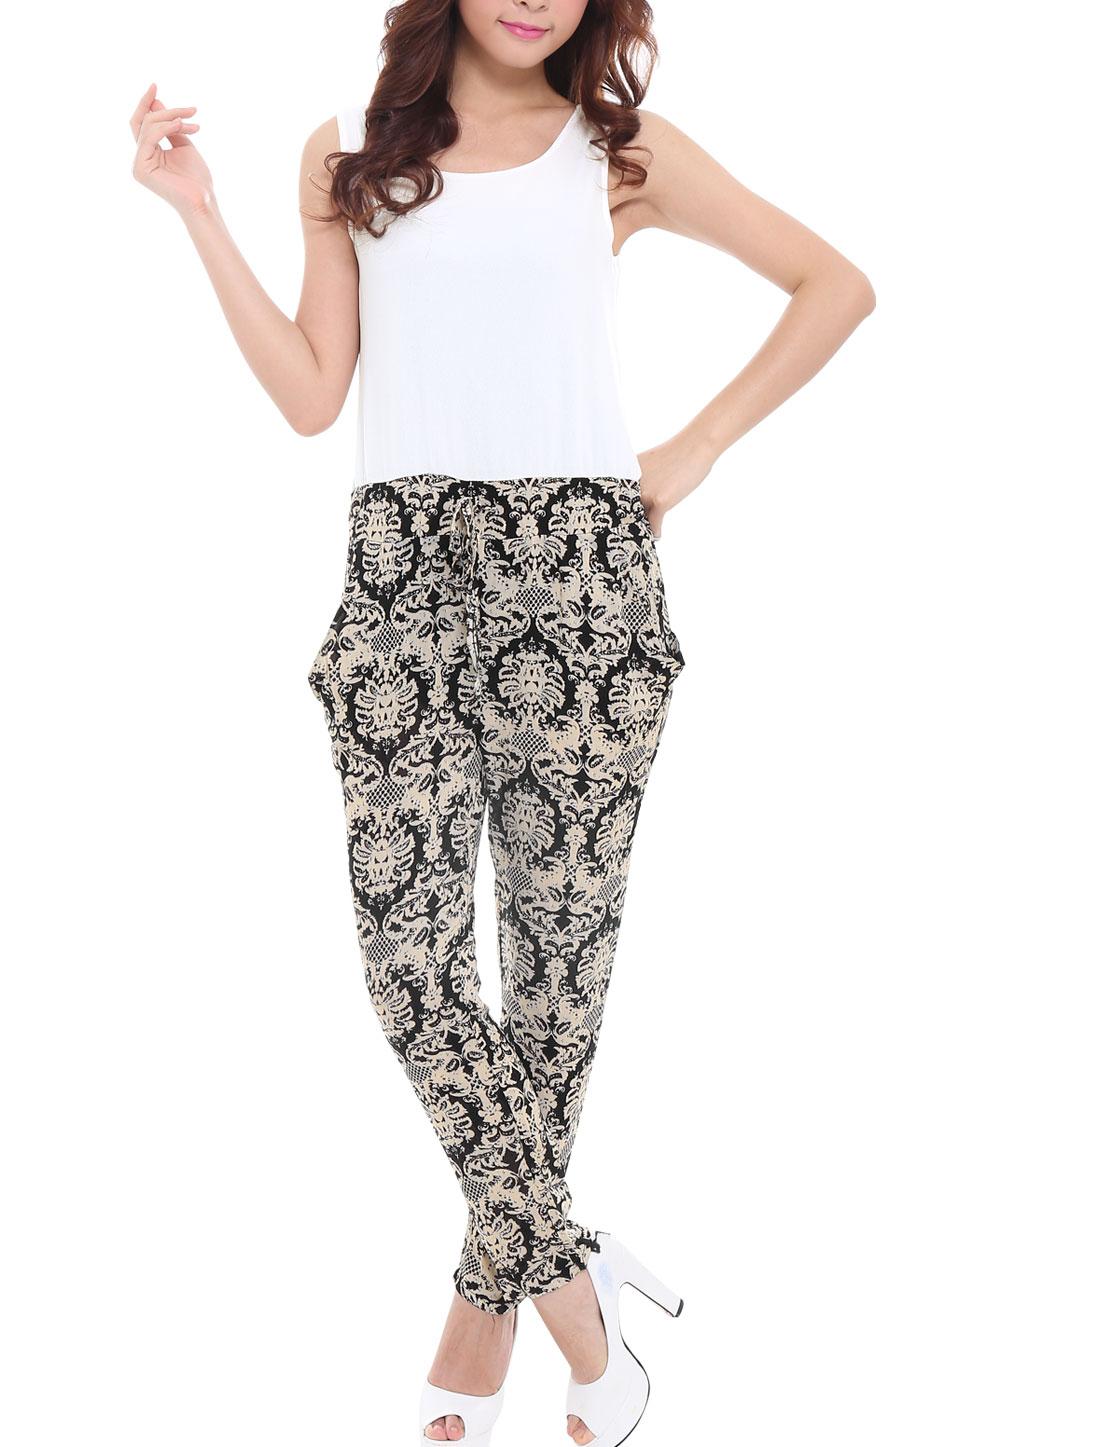 5886 Women Chiffon Splicing Drawstring Waist Fashion Jumpsuit Beige White /XS (US 2)